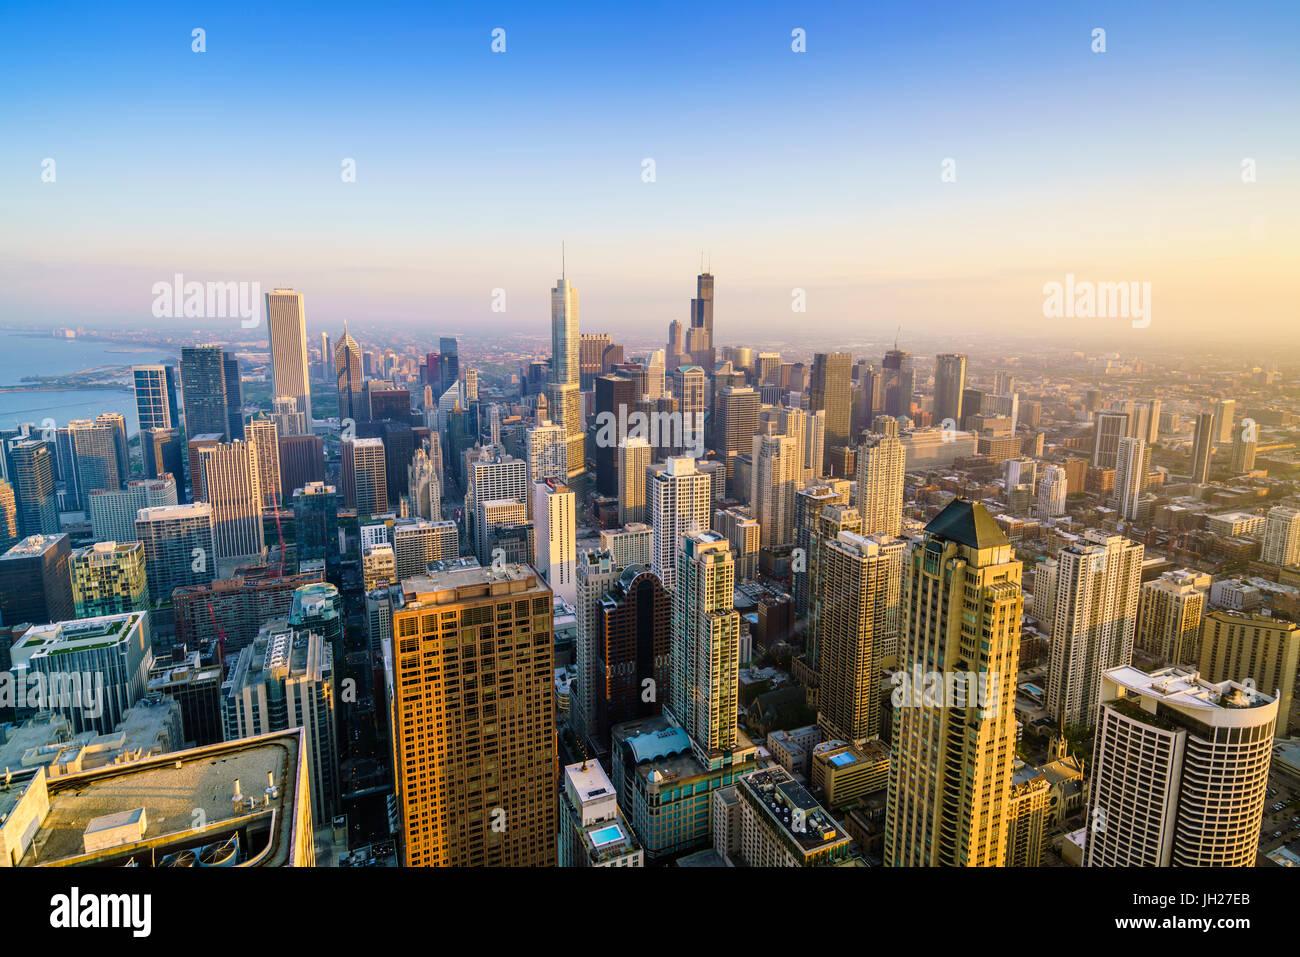 Skyline della città di Chicago, Illinois, Stati Uniti d'America, America del Nord Immagini Stock